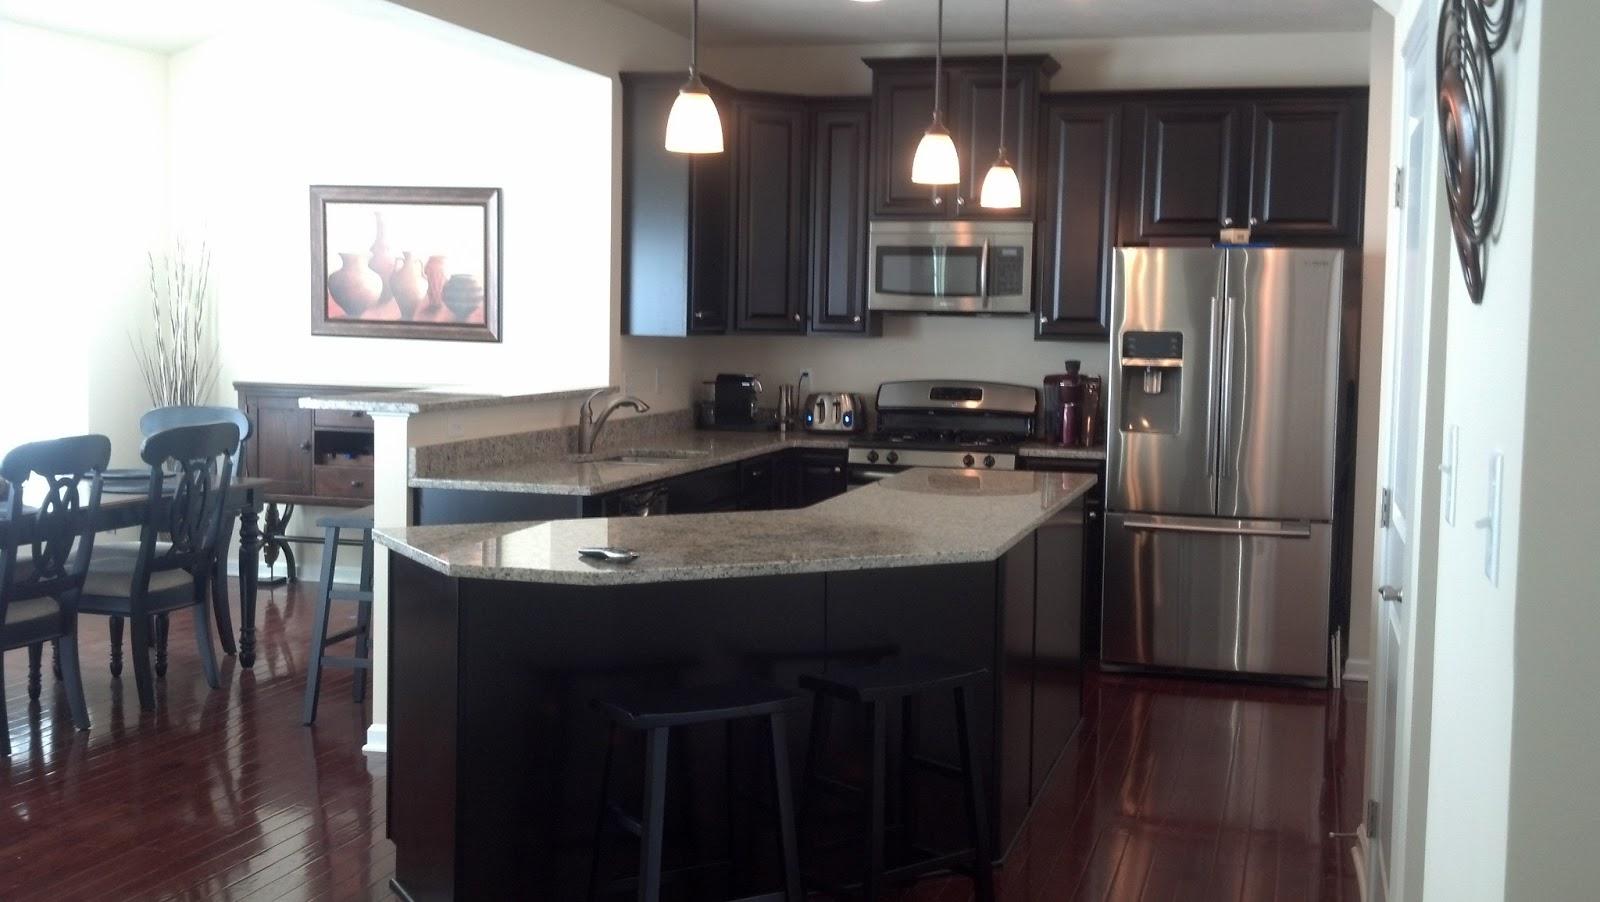 savoy ryan home kitchen pics espresso cab u0026 st cecilia granite